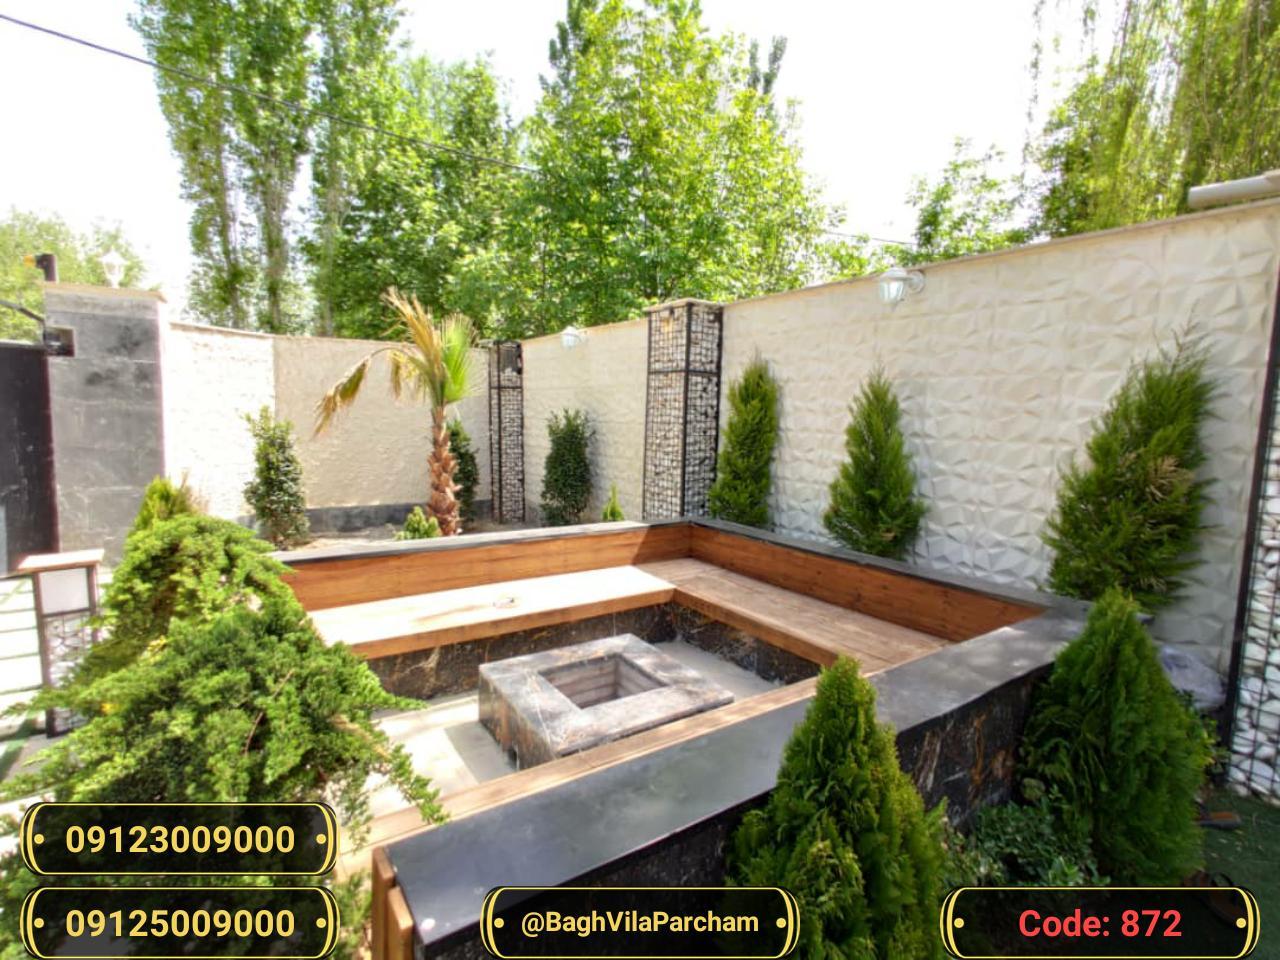 تصویر عکس باغ ویلا شماره 4 از ویلای ۵۰۰ متر ویلا مدرن Picture photo image 4 of ۵۰۰ متر ویلا مدرن